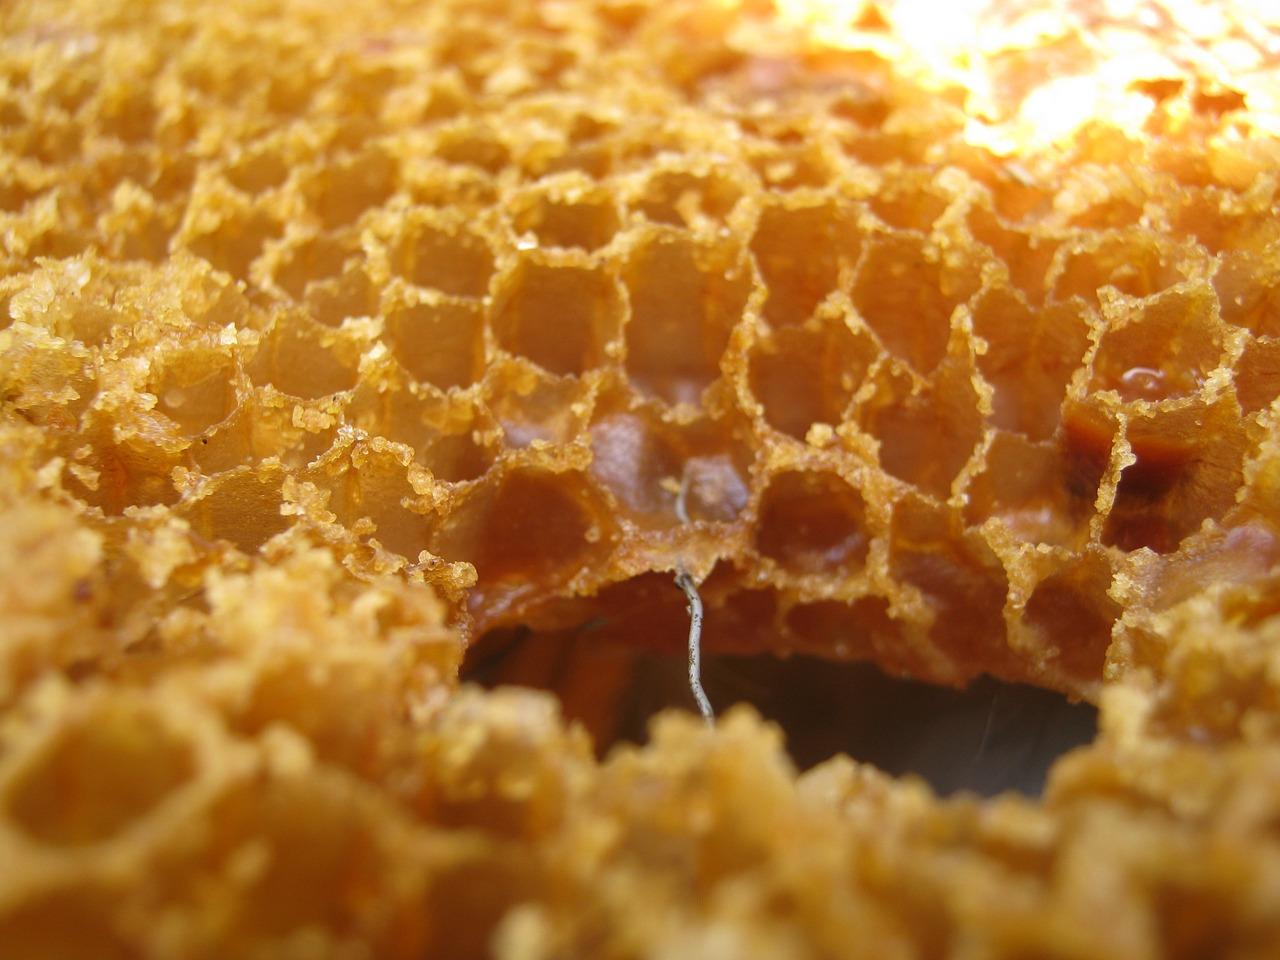 Воск пчелиный - узнай о его составе и свойствах